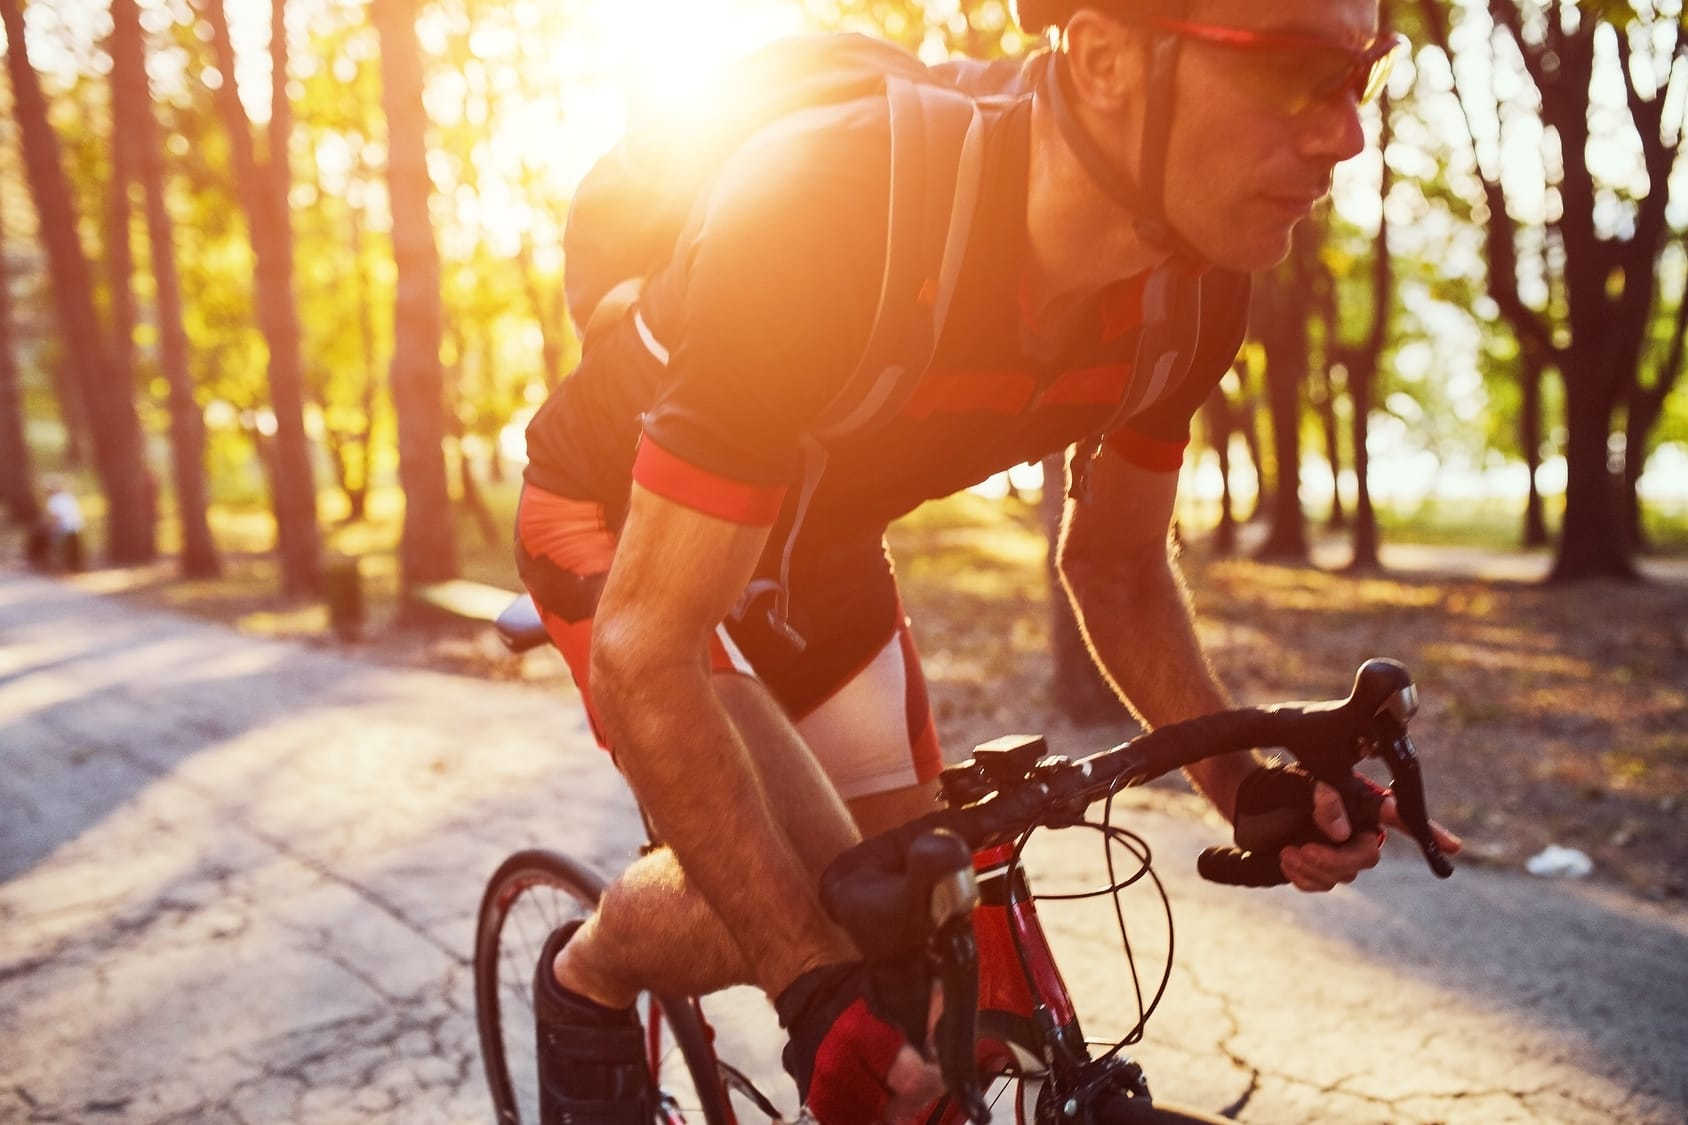 Milchsäure im Muskel – Ursache für Muskelkater?